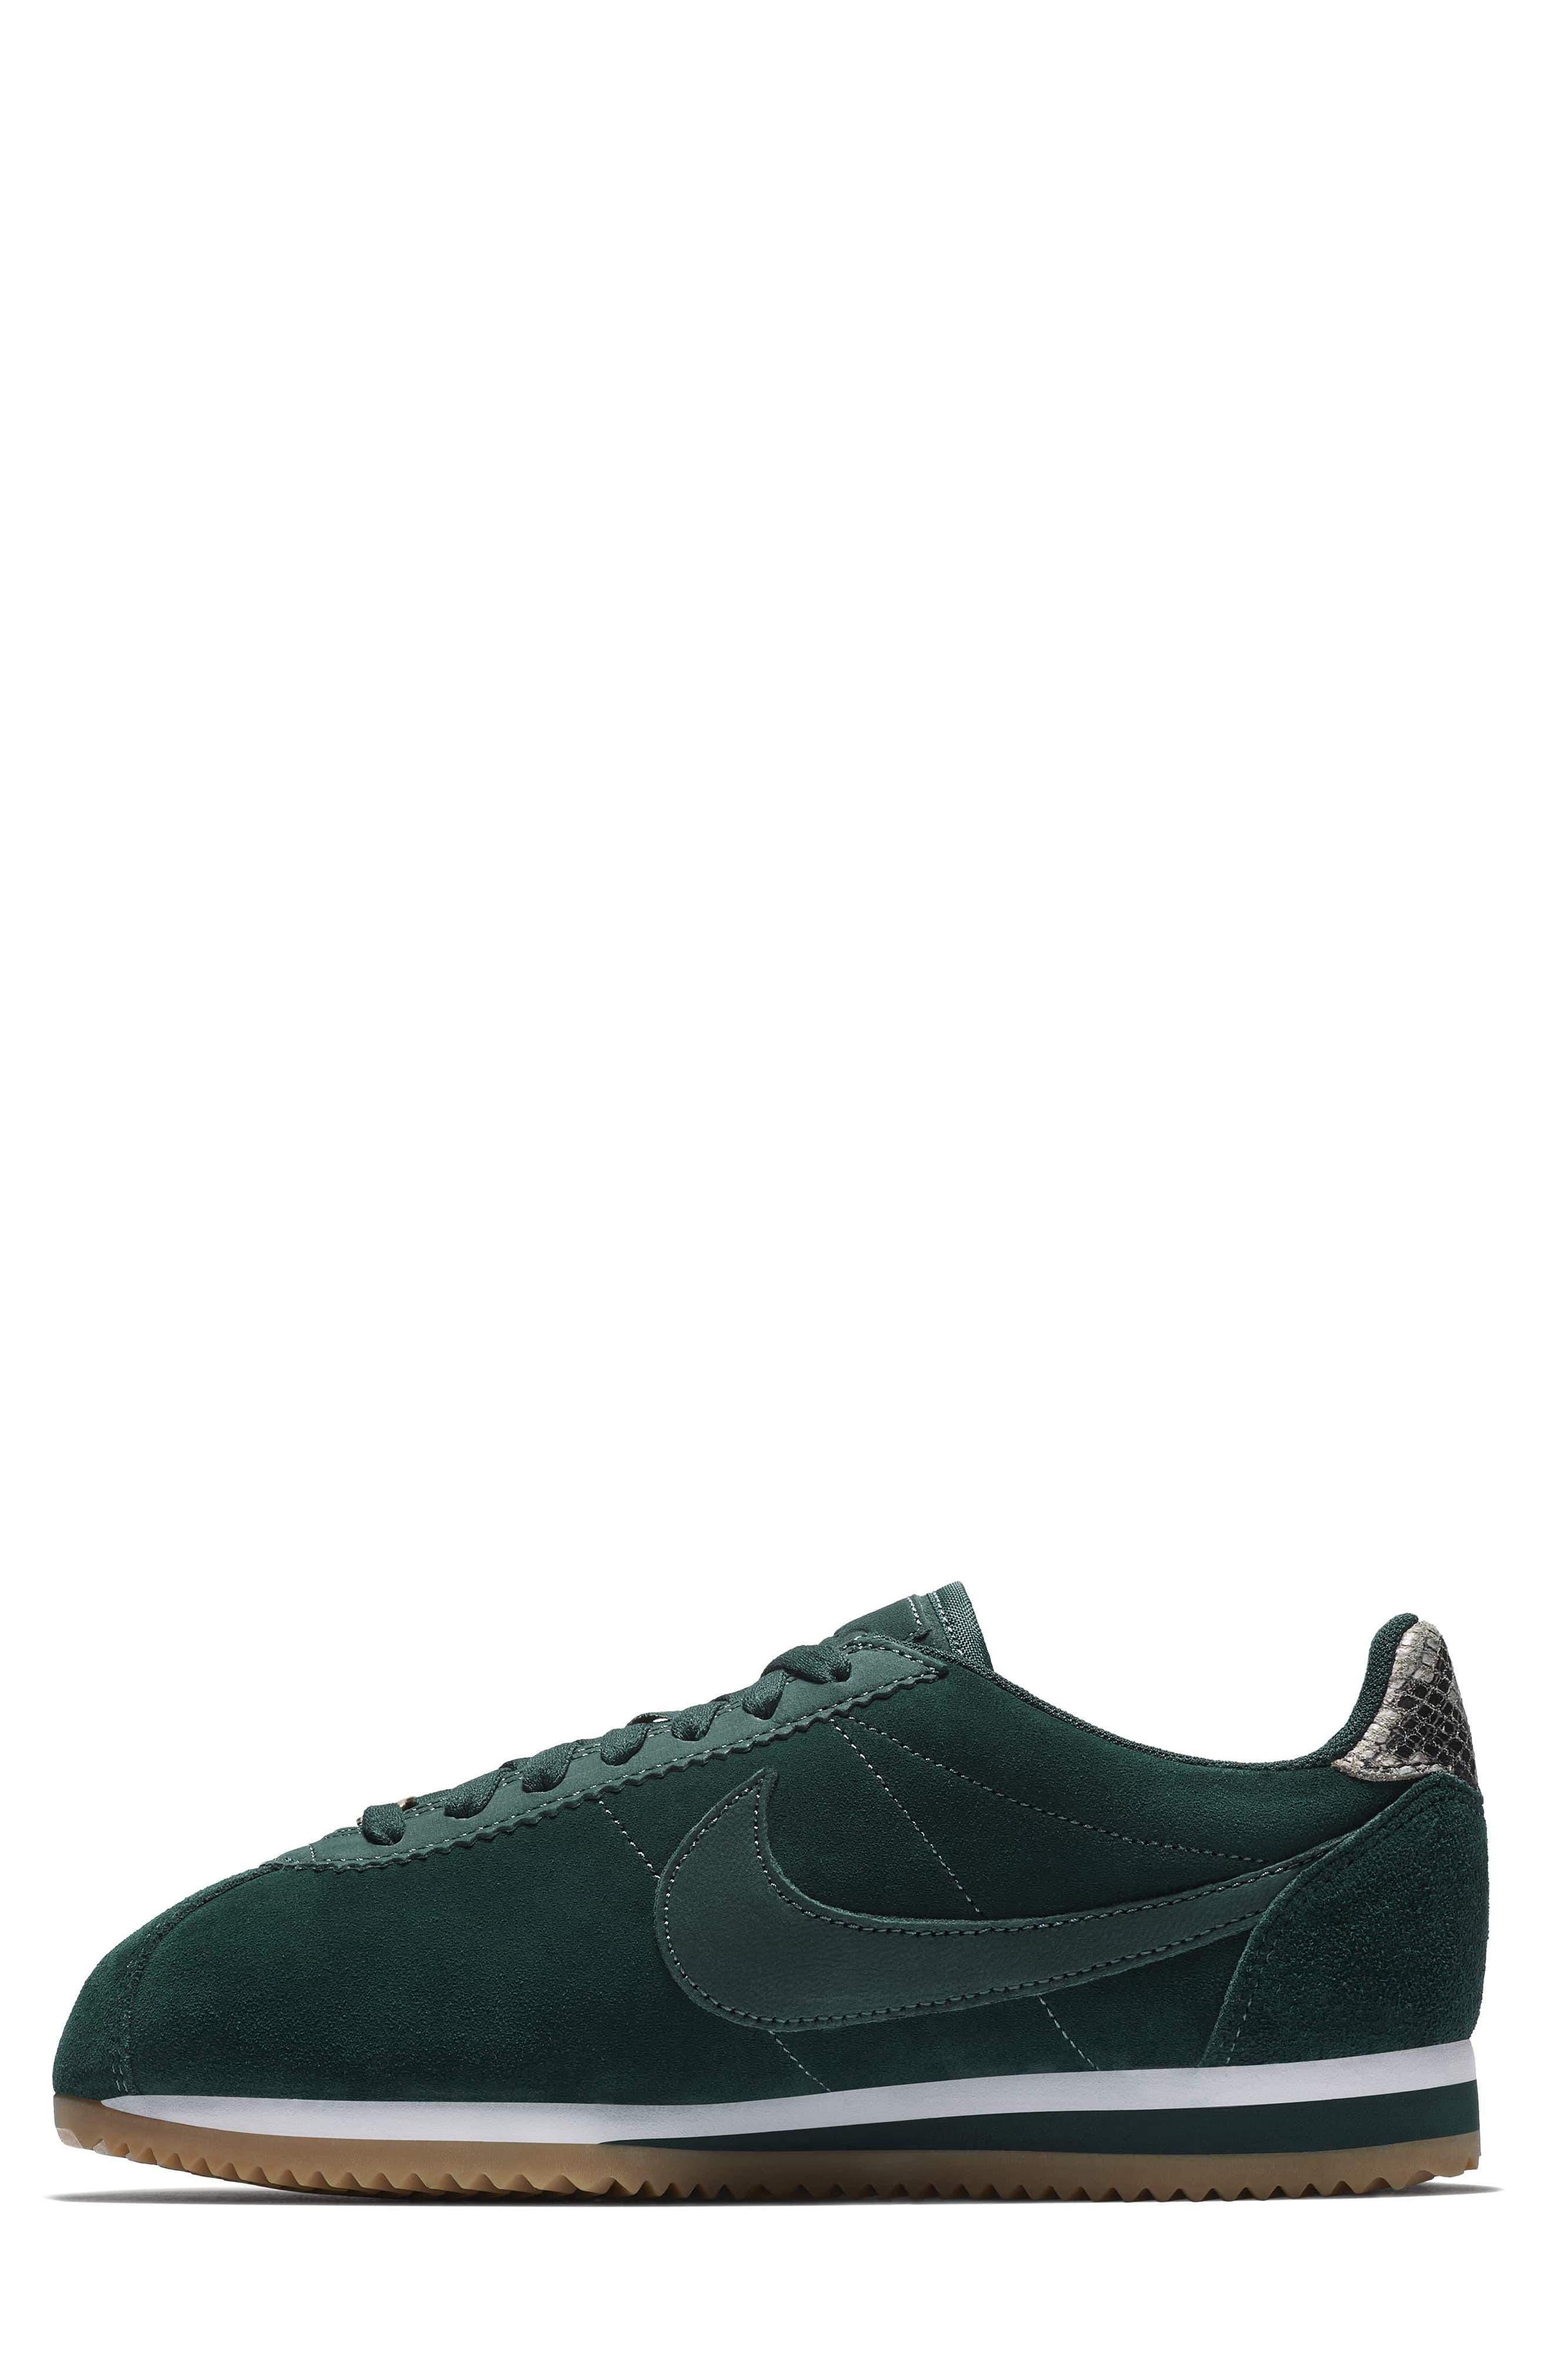 x A.L.C. Classic Cortez Sneaker,                             Alternate thumbnail 15, color,